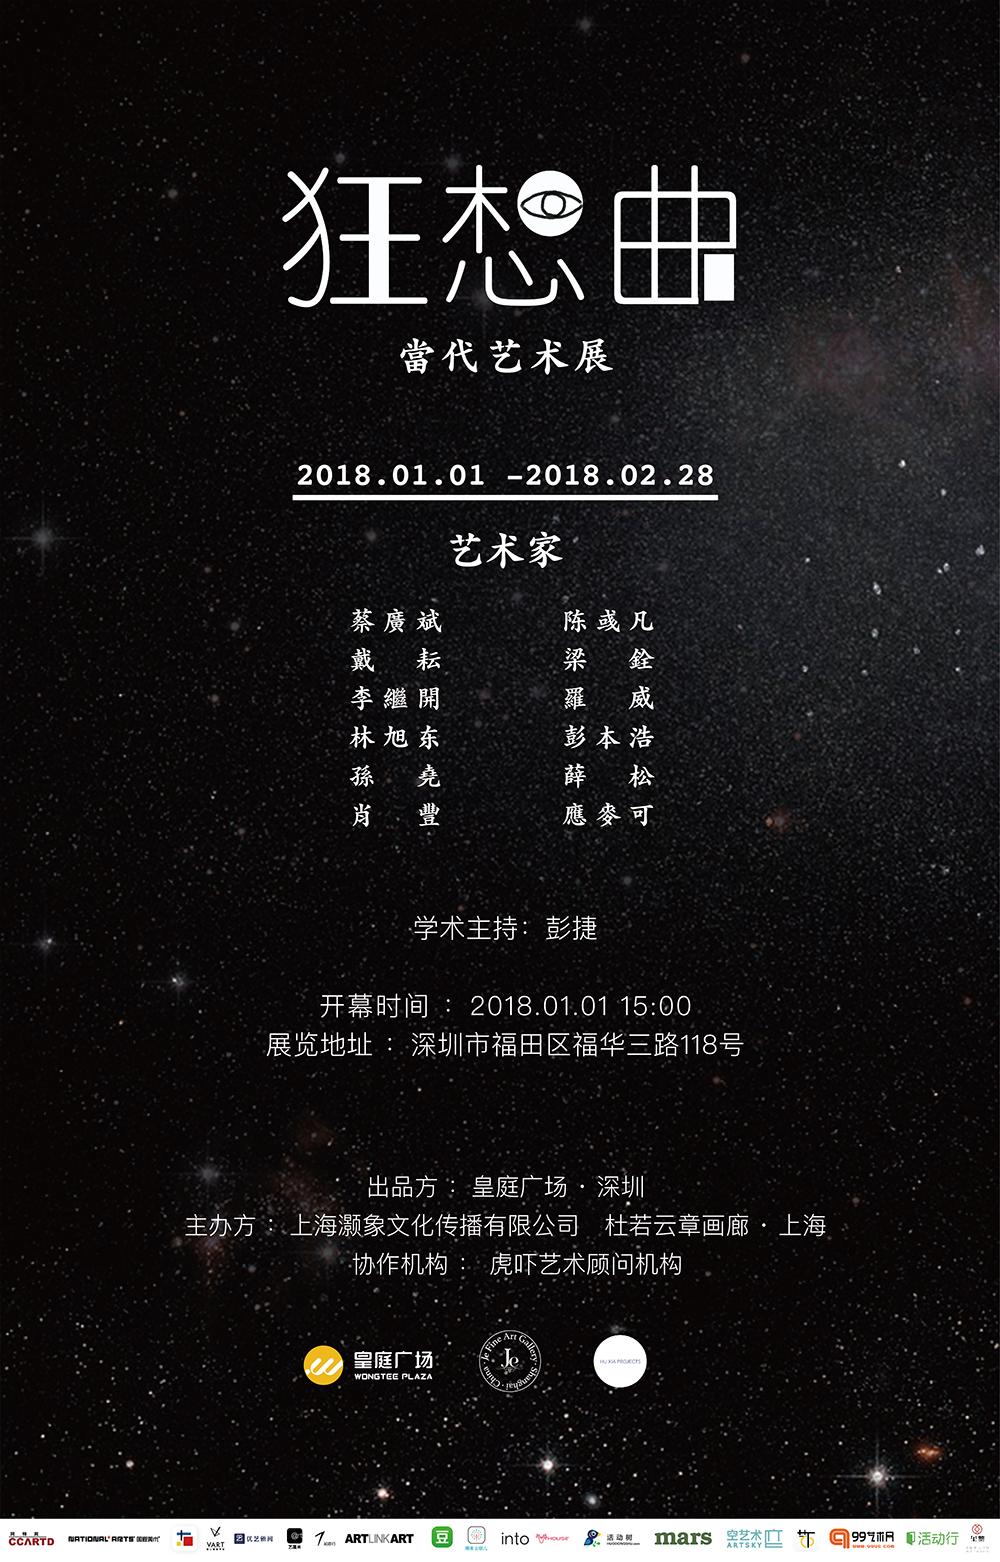 深圳 狂想曲 中文-logo